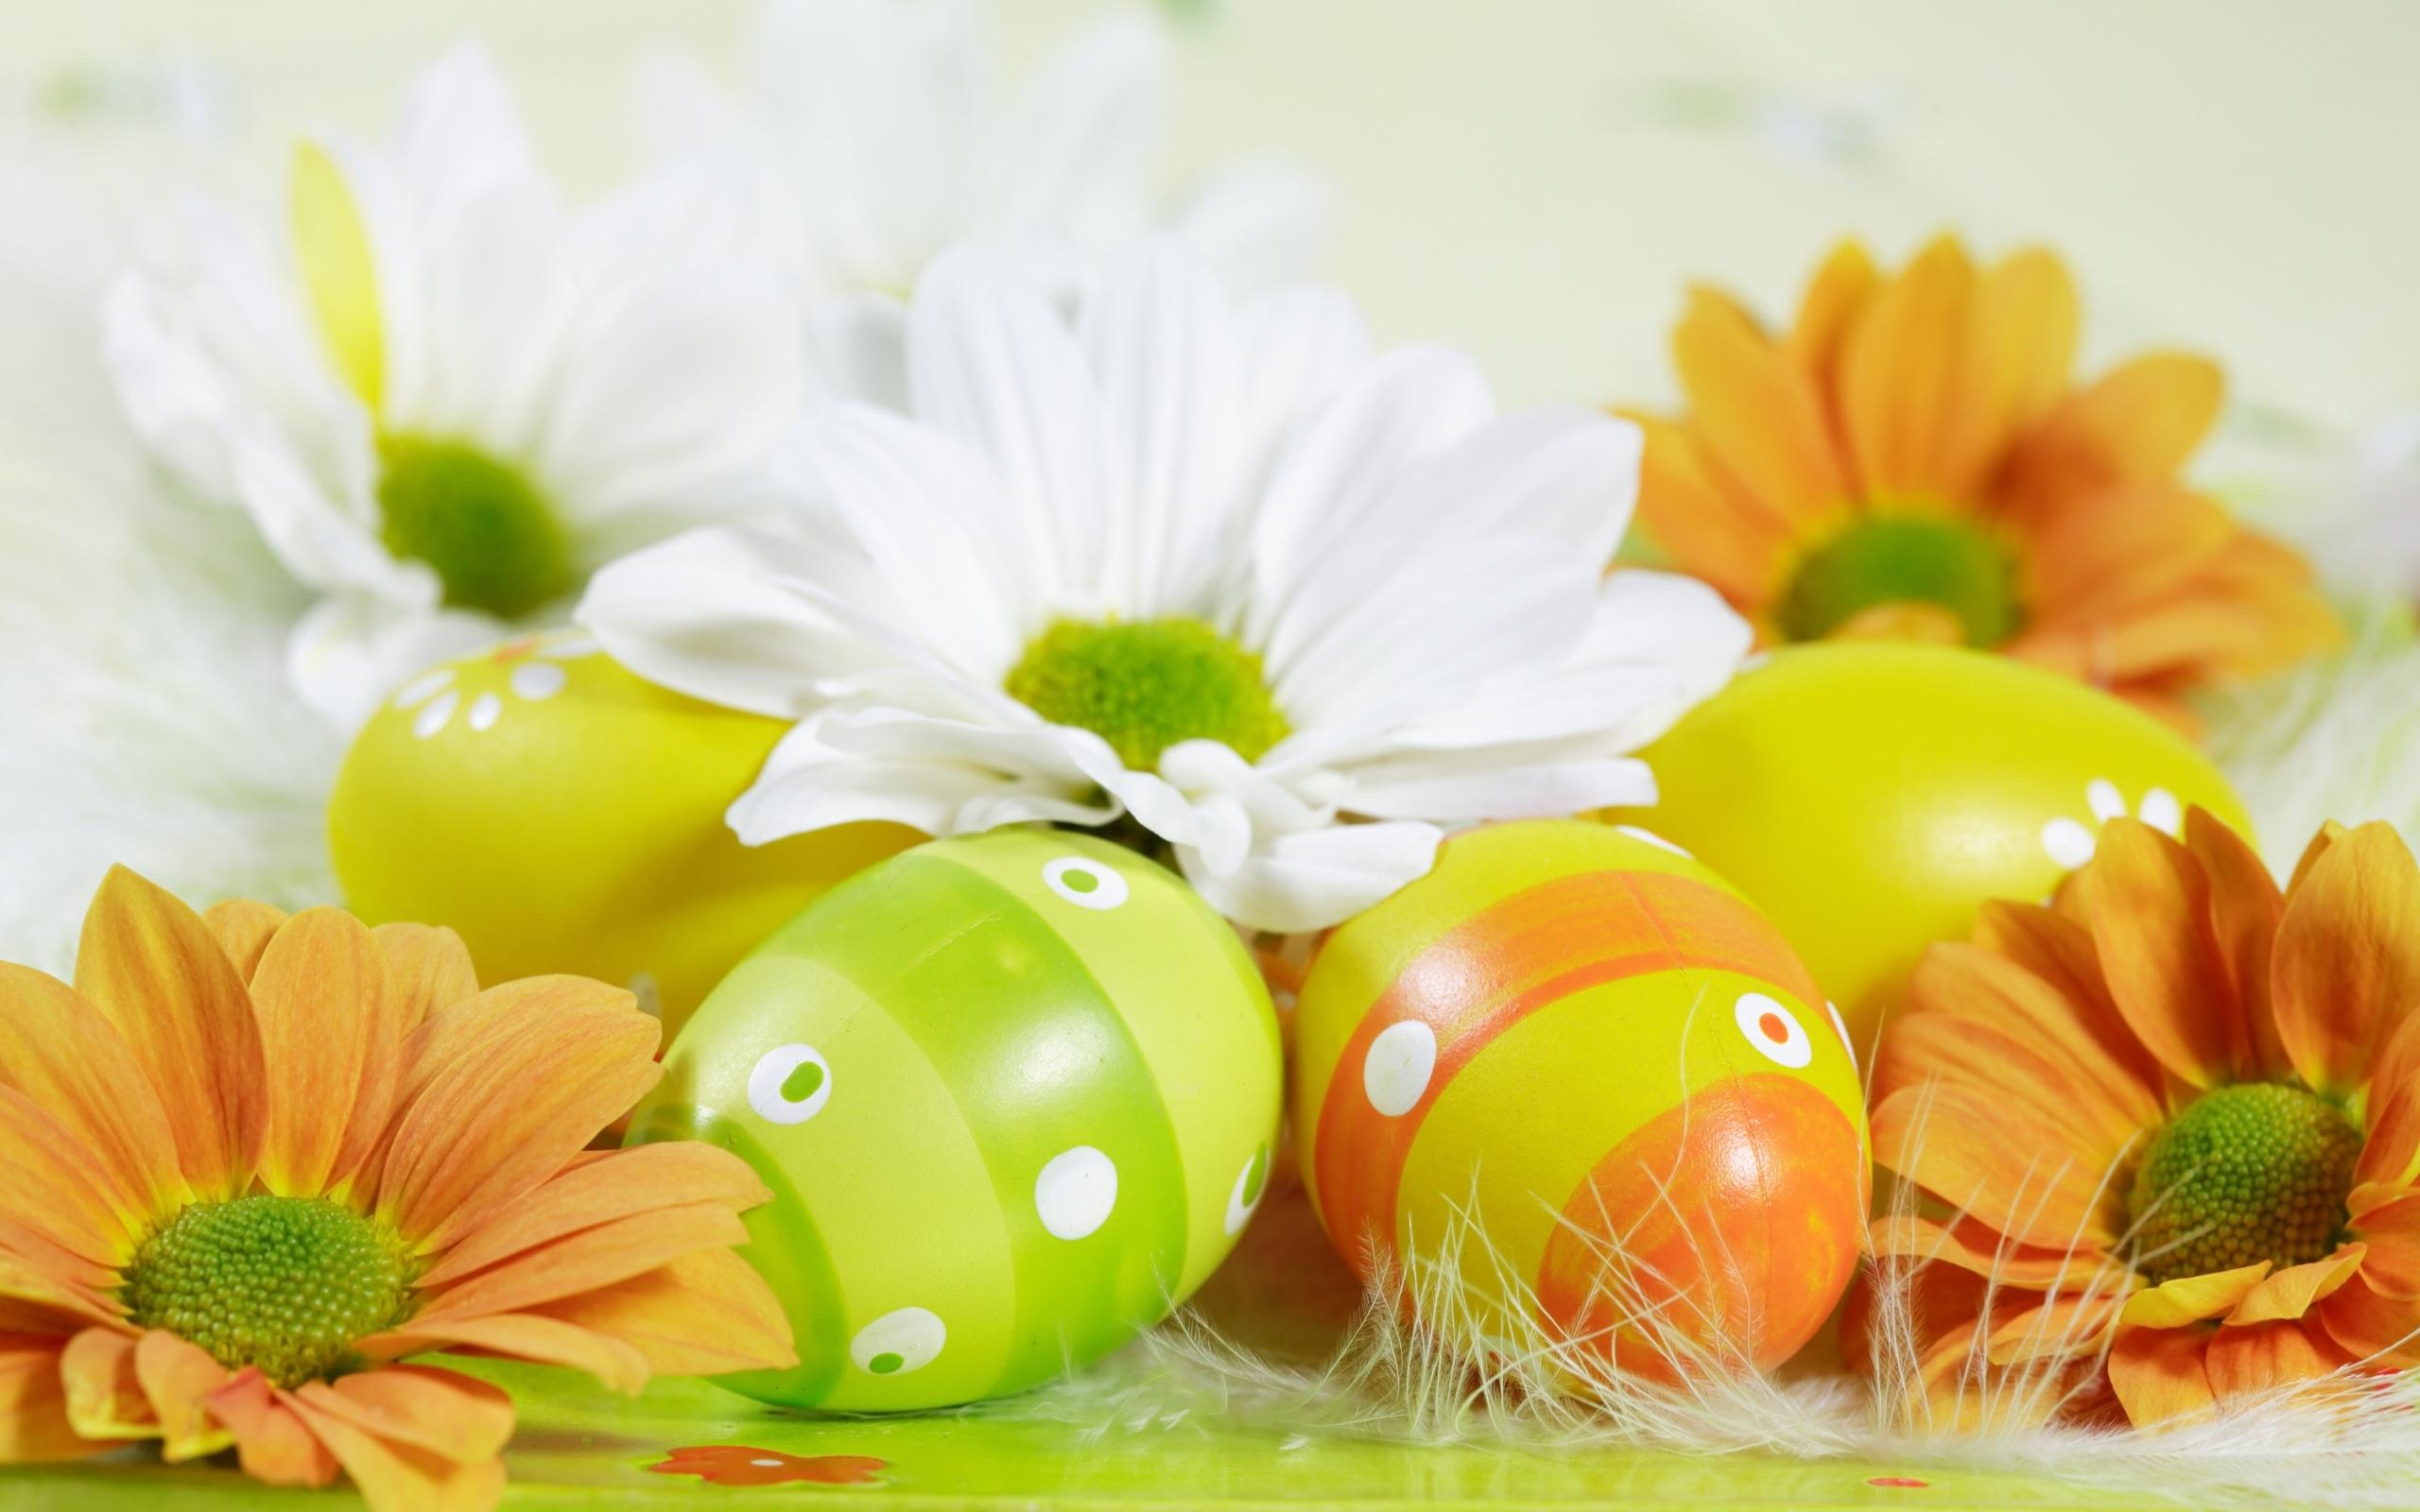 Descarga gratuita de fondo de pantalla para móvil de Pascua, Vacaciones.